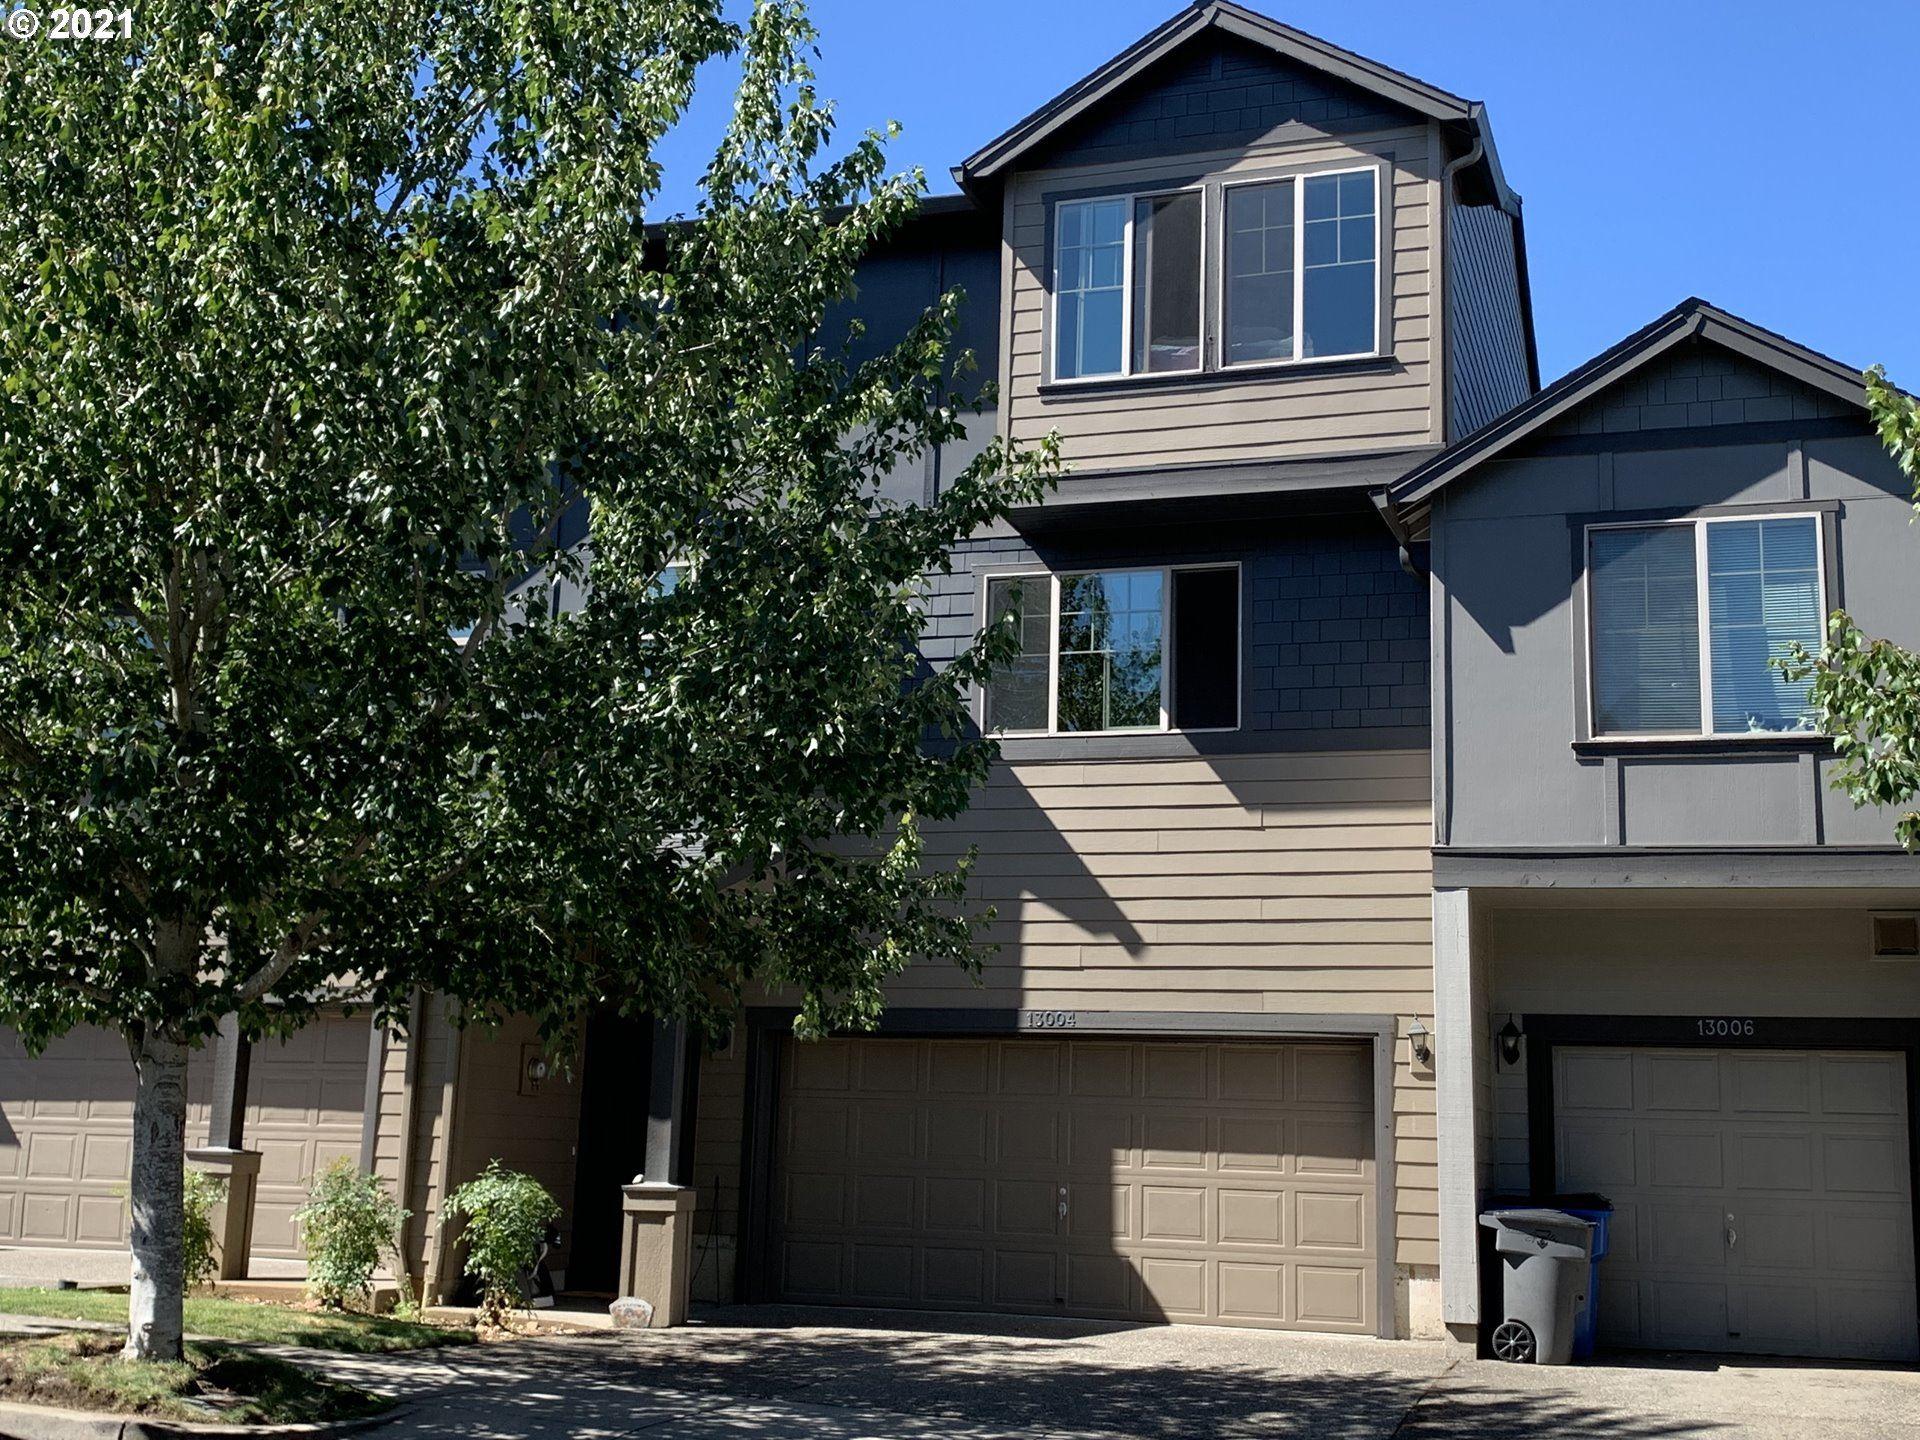 13004 NE 25TH ST, Vancouver, WA 98684 - MLS#: 21244866